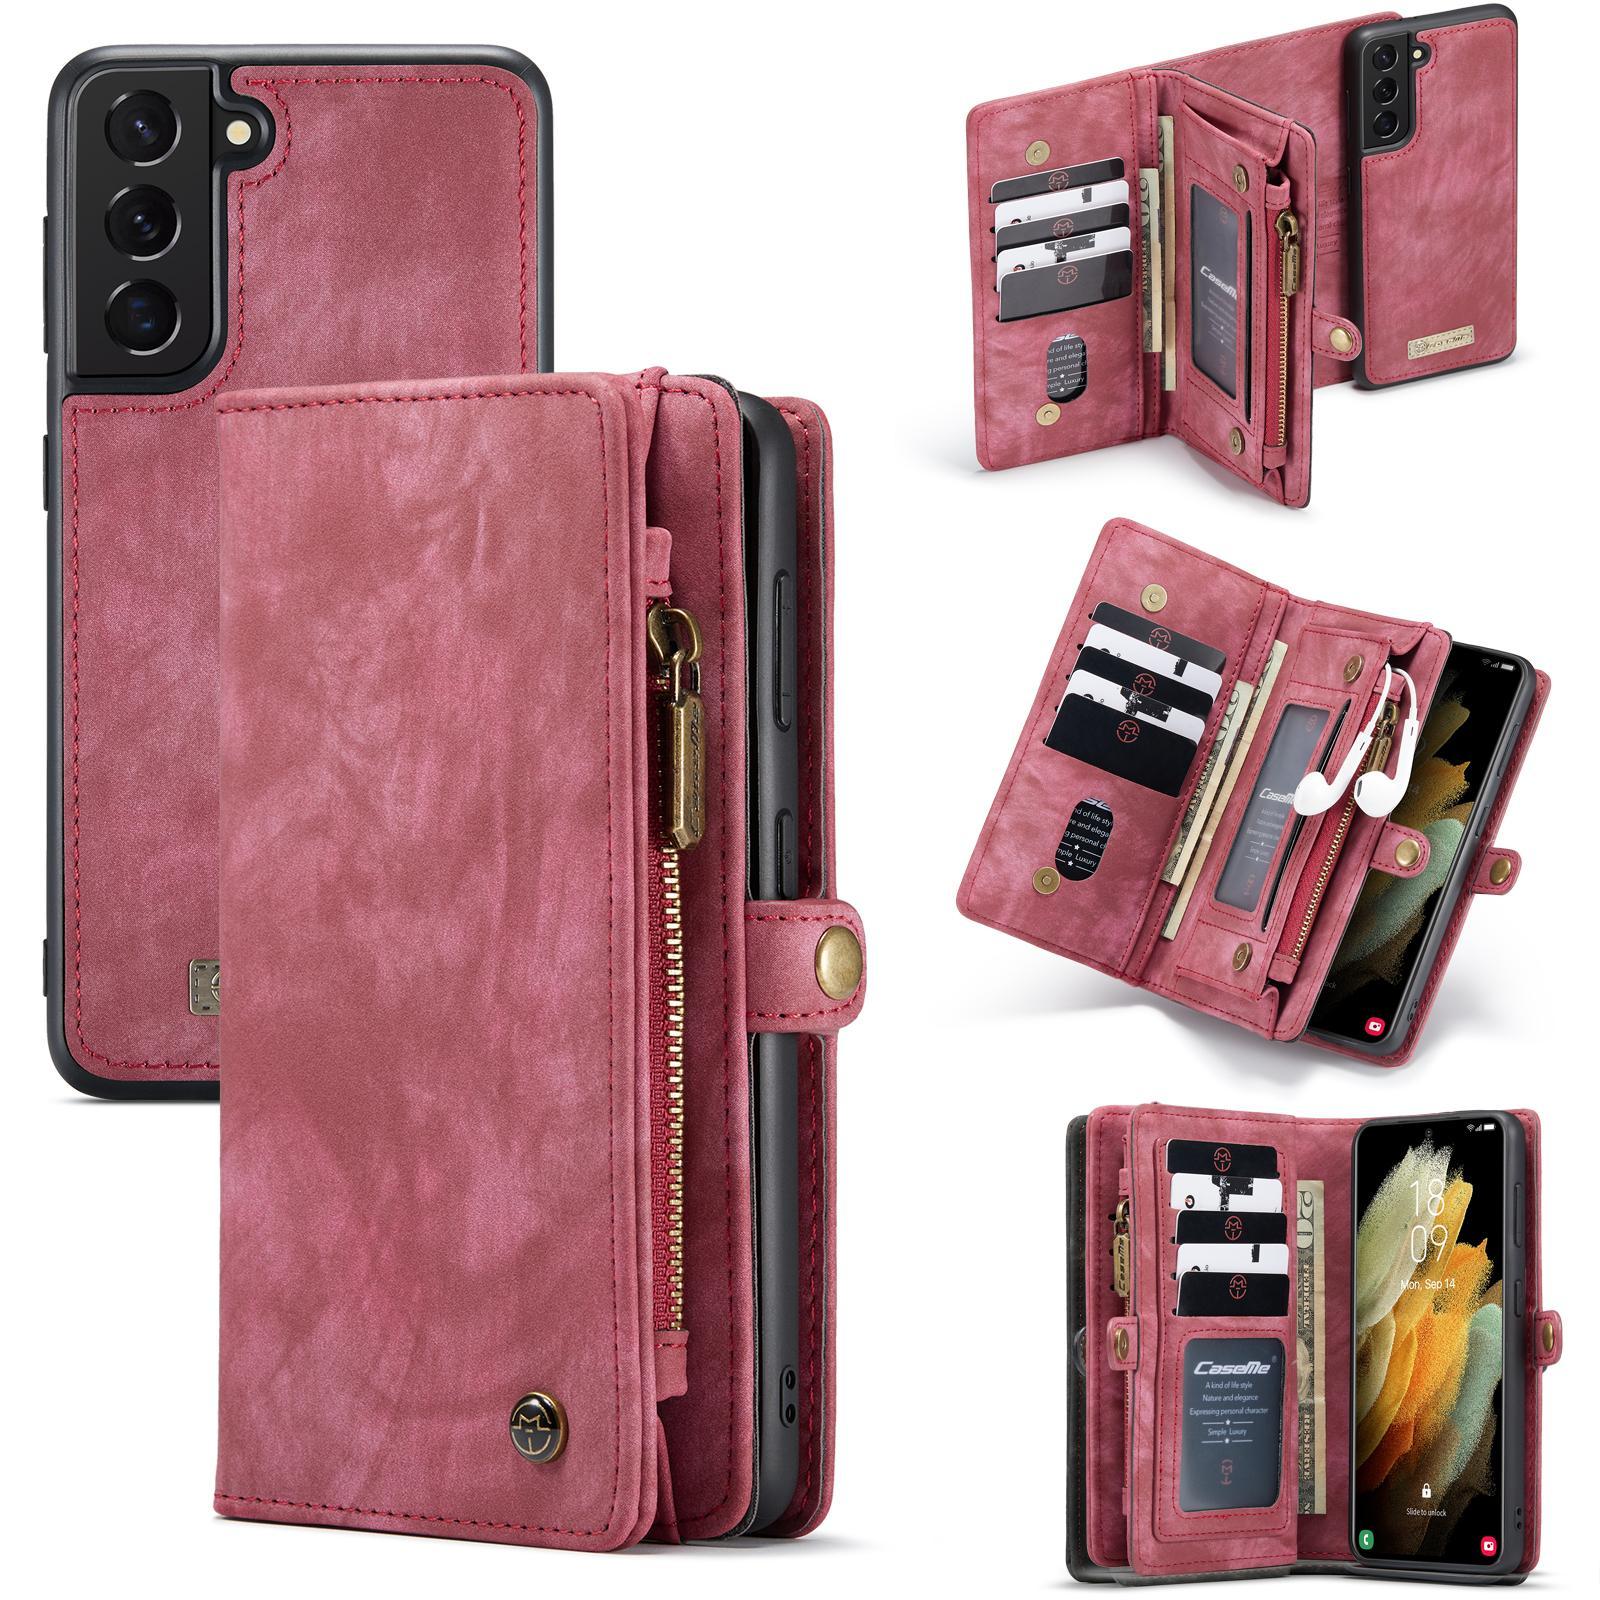 Multi-slot Lommeboksetui Galaxy S21 Plus rød